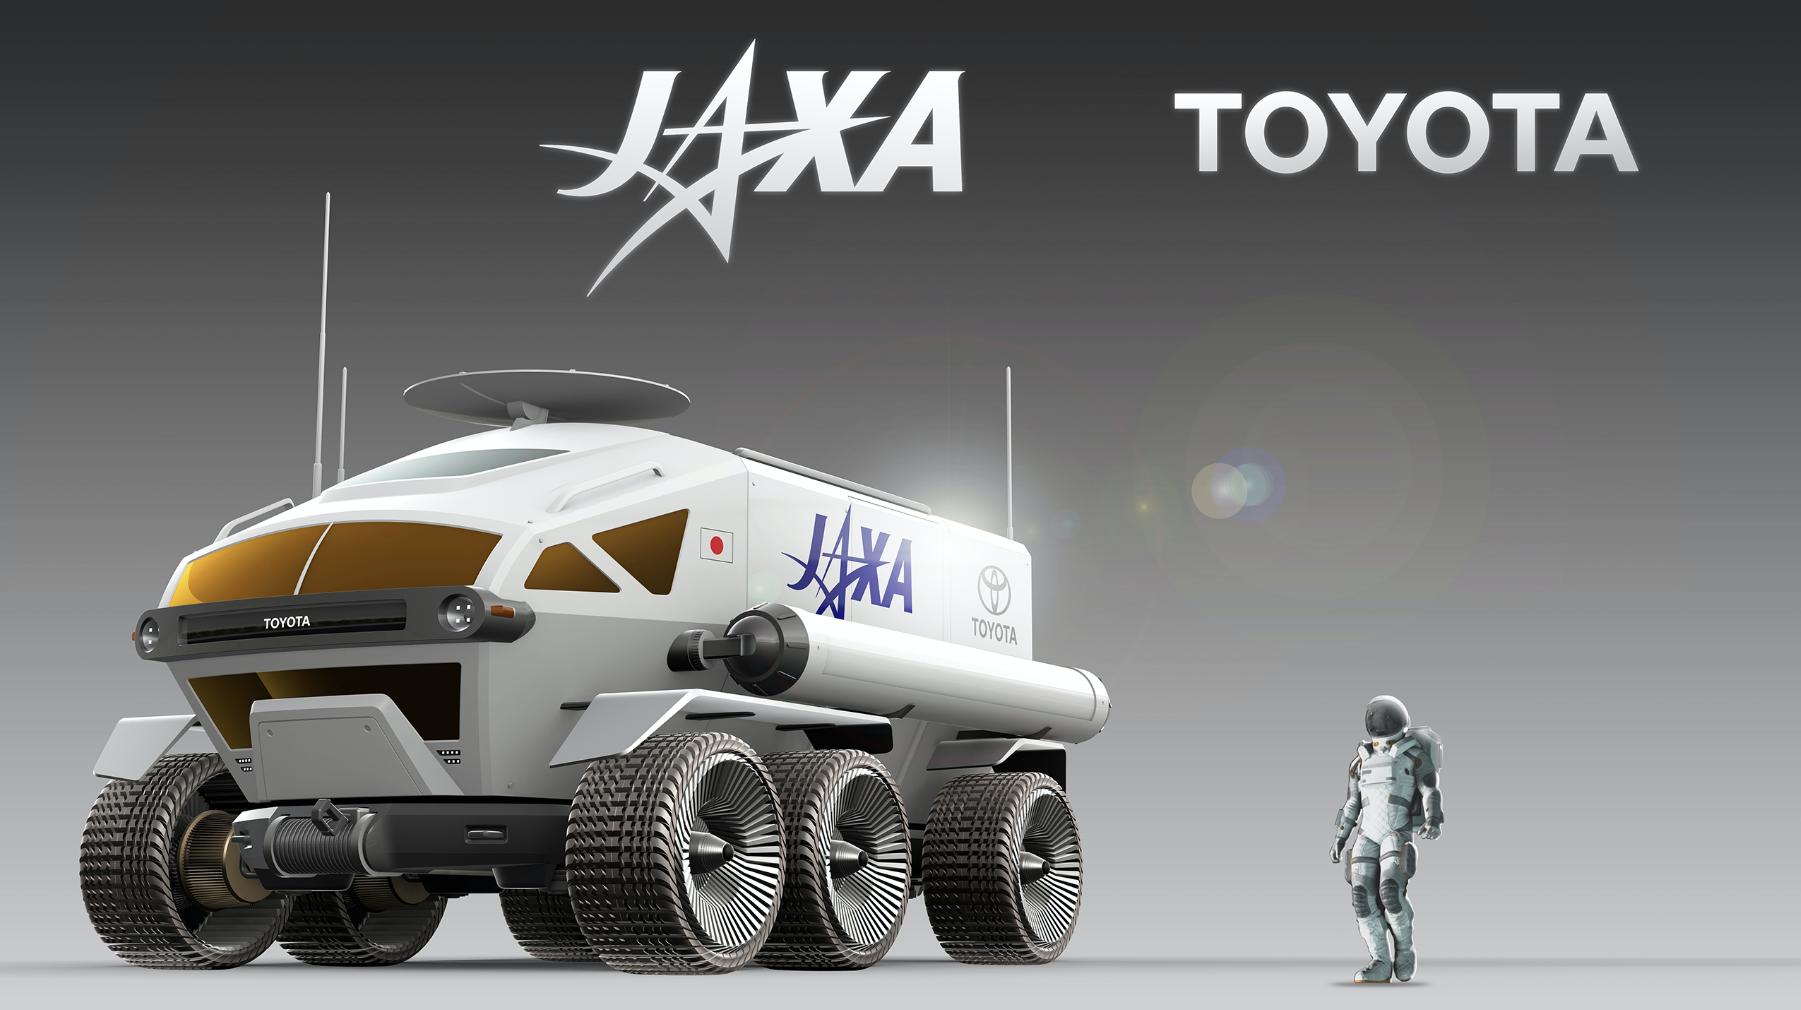 2029 - [Toyota] JAXA Pressurized Rover Concept Tyi5dyskopc5cwxhntfd